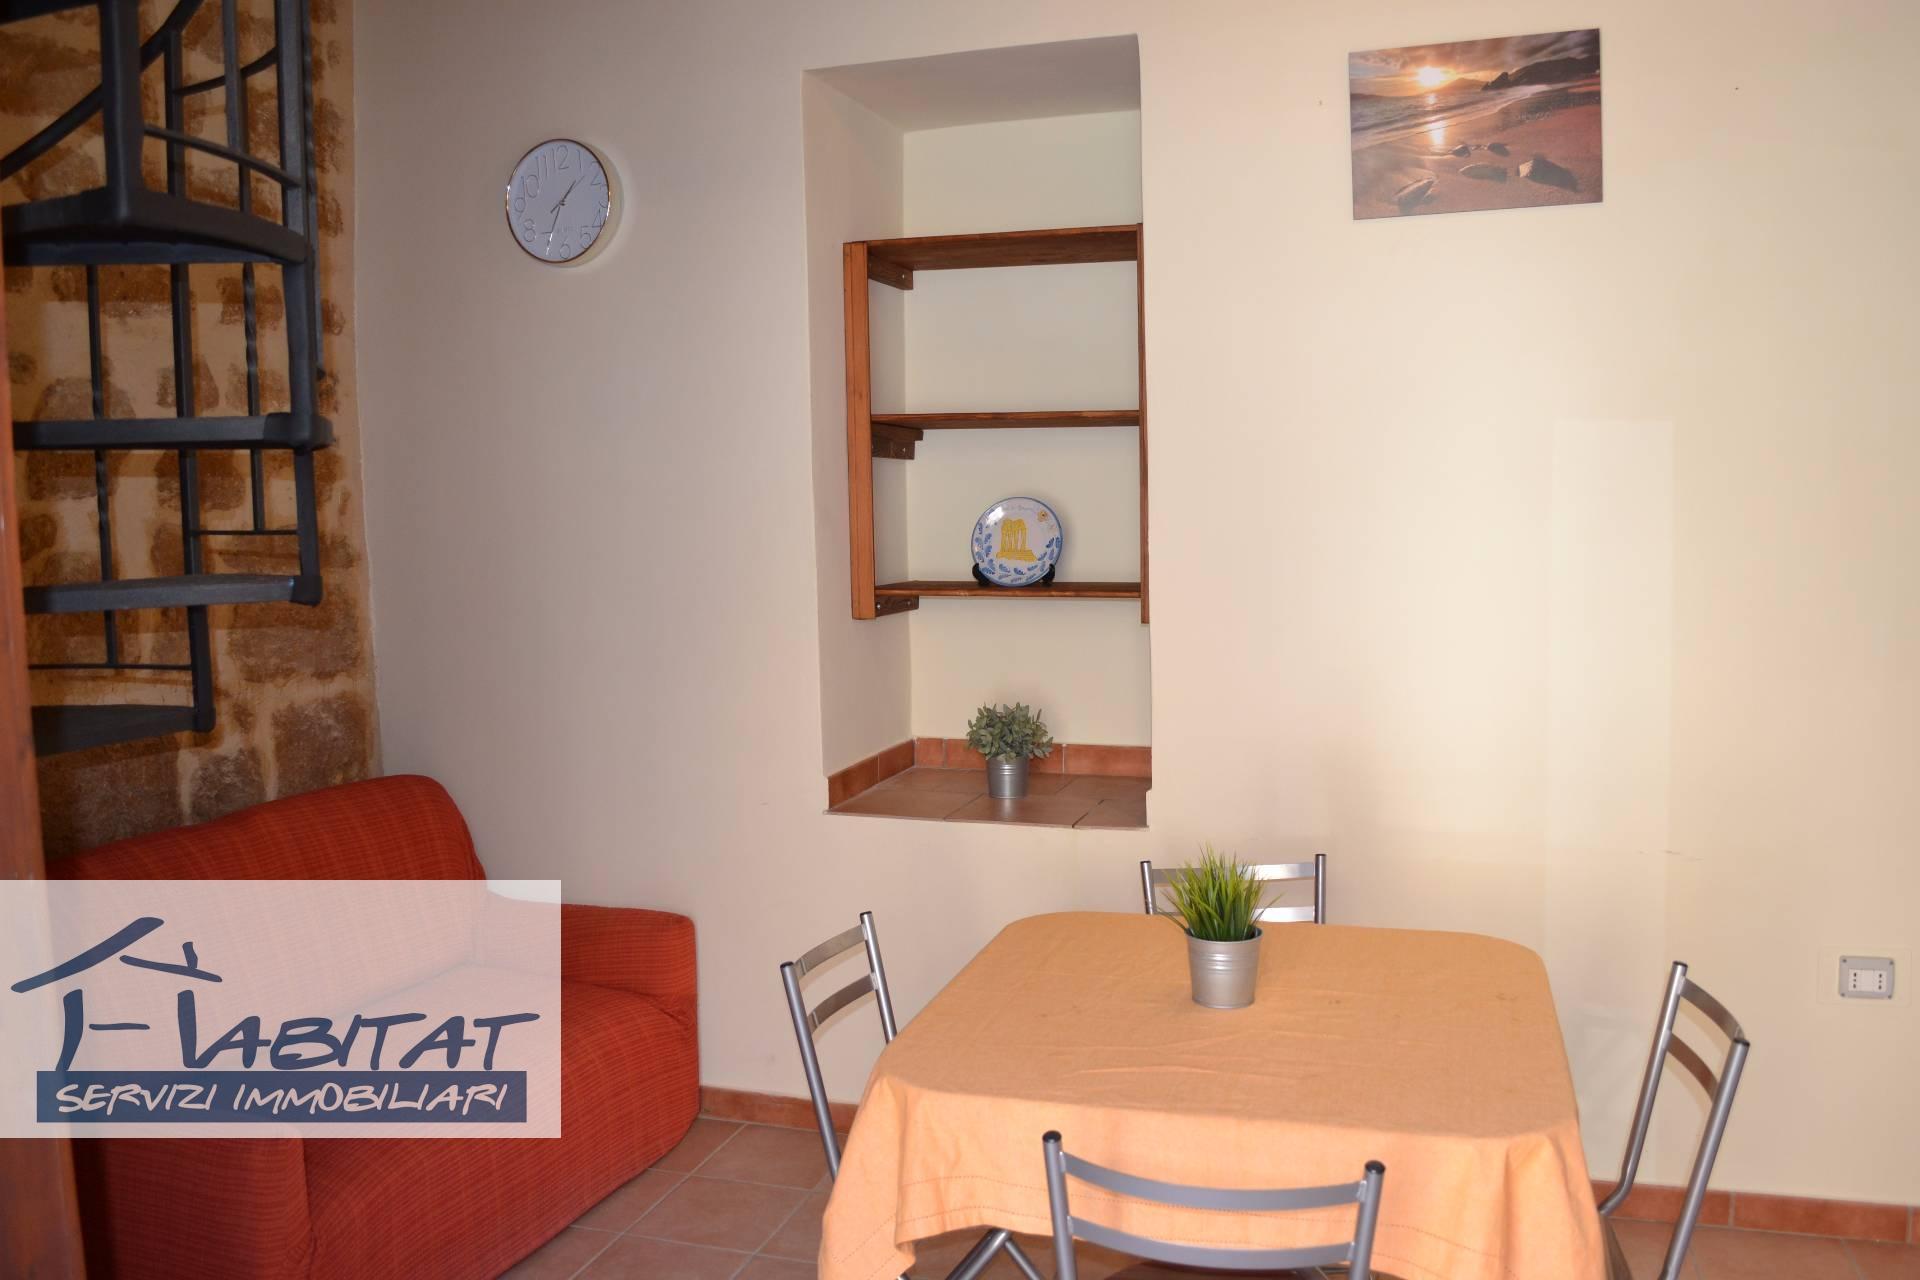 Appartamento in affitto a Agrigento, 2 locali, zona Località: Centrostorico, prezzo € 270   CambioCasa.it